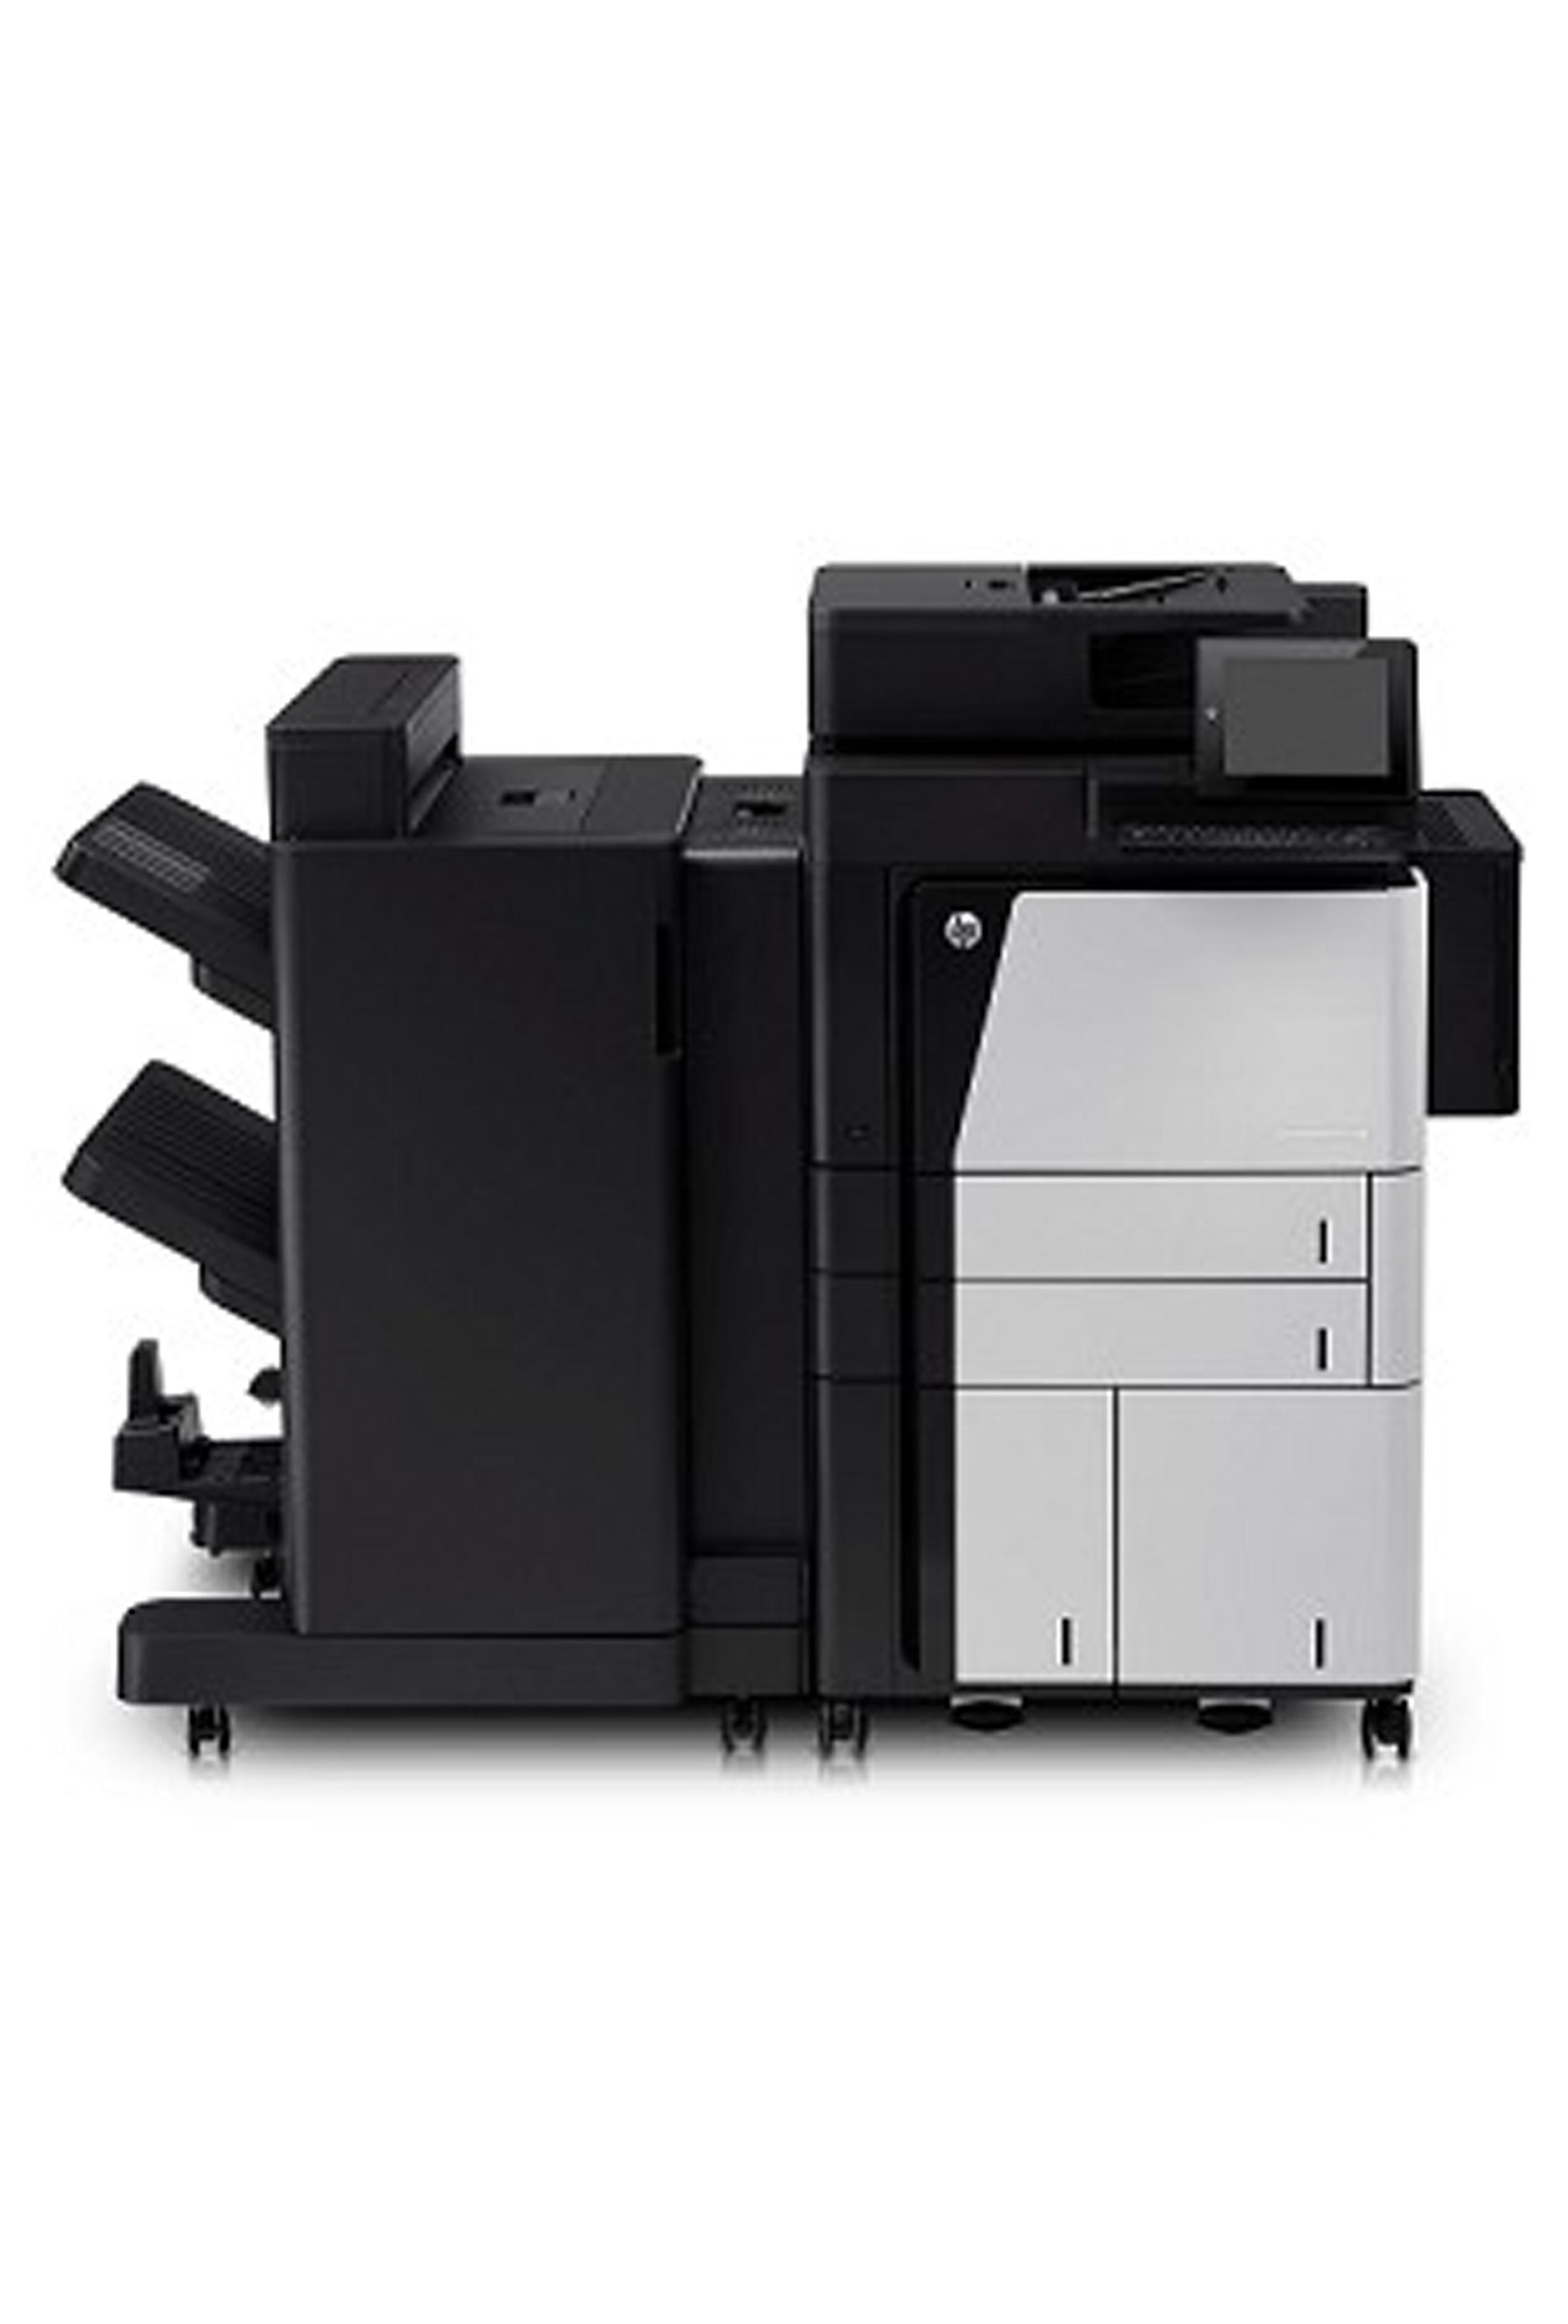 HP LaserJet Enterprise flow...